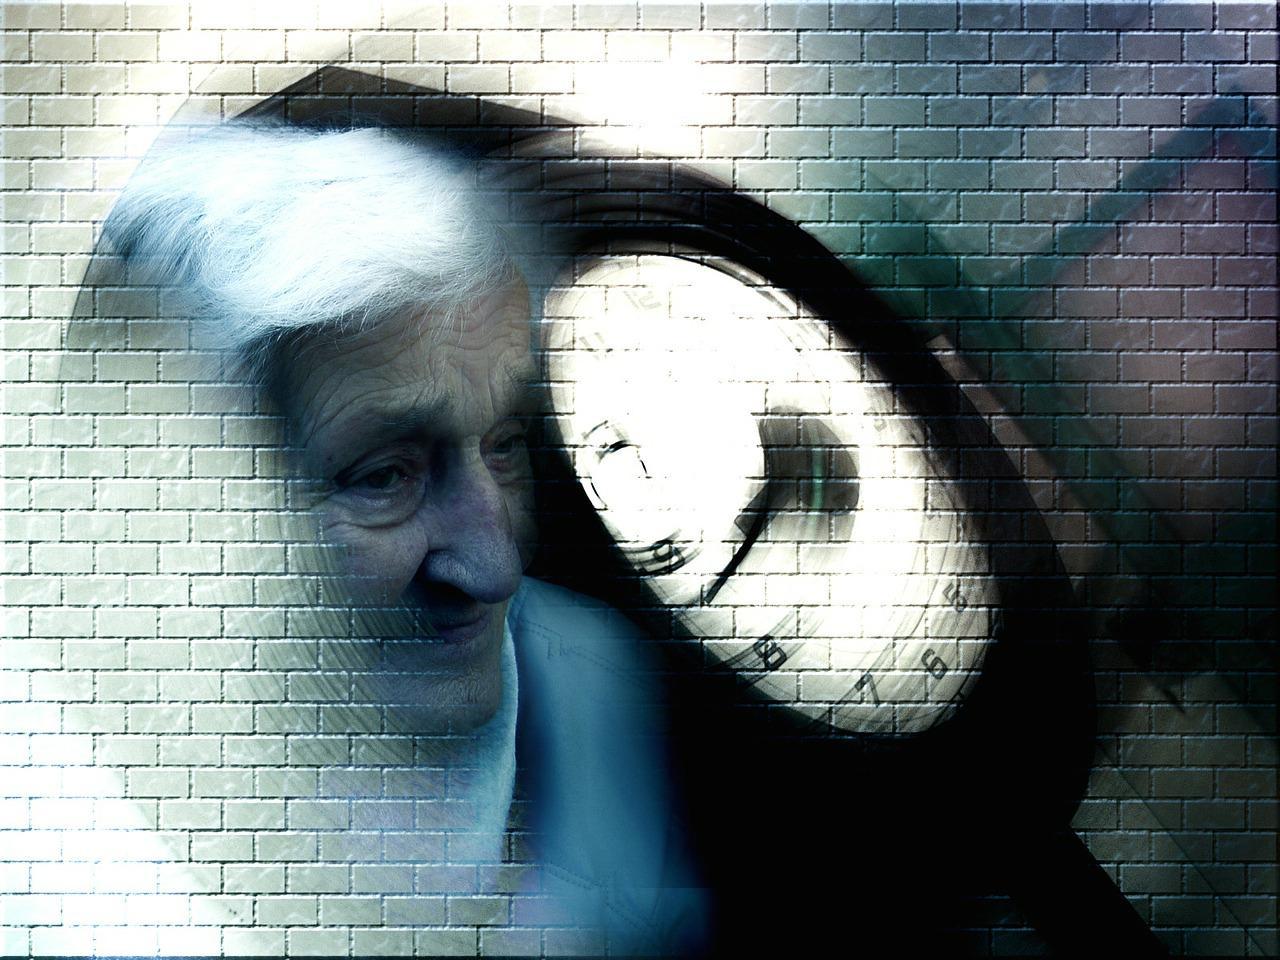 Русские ученые научились задерживать развитие болезни Альцгеймера наранней стадии